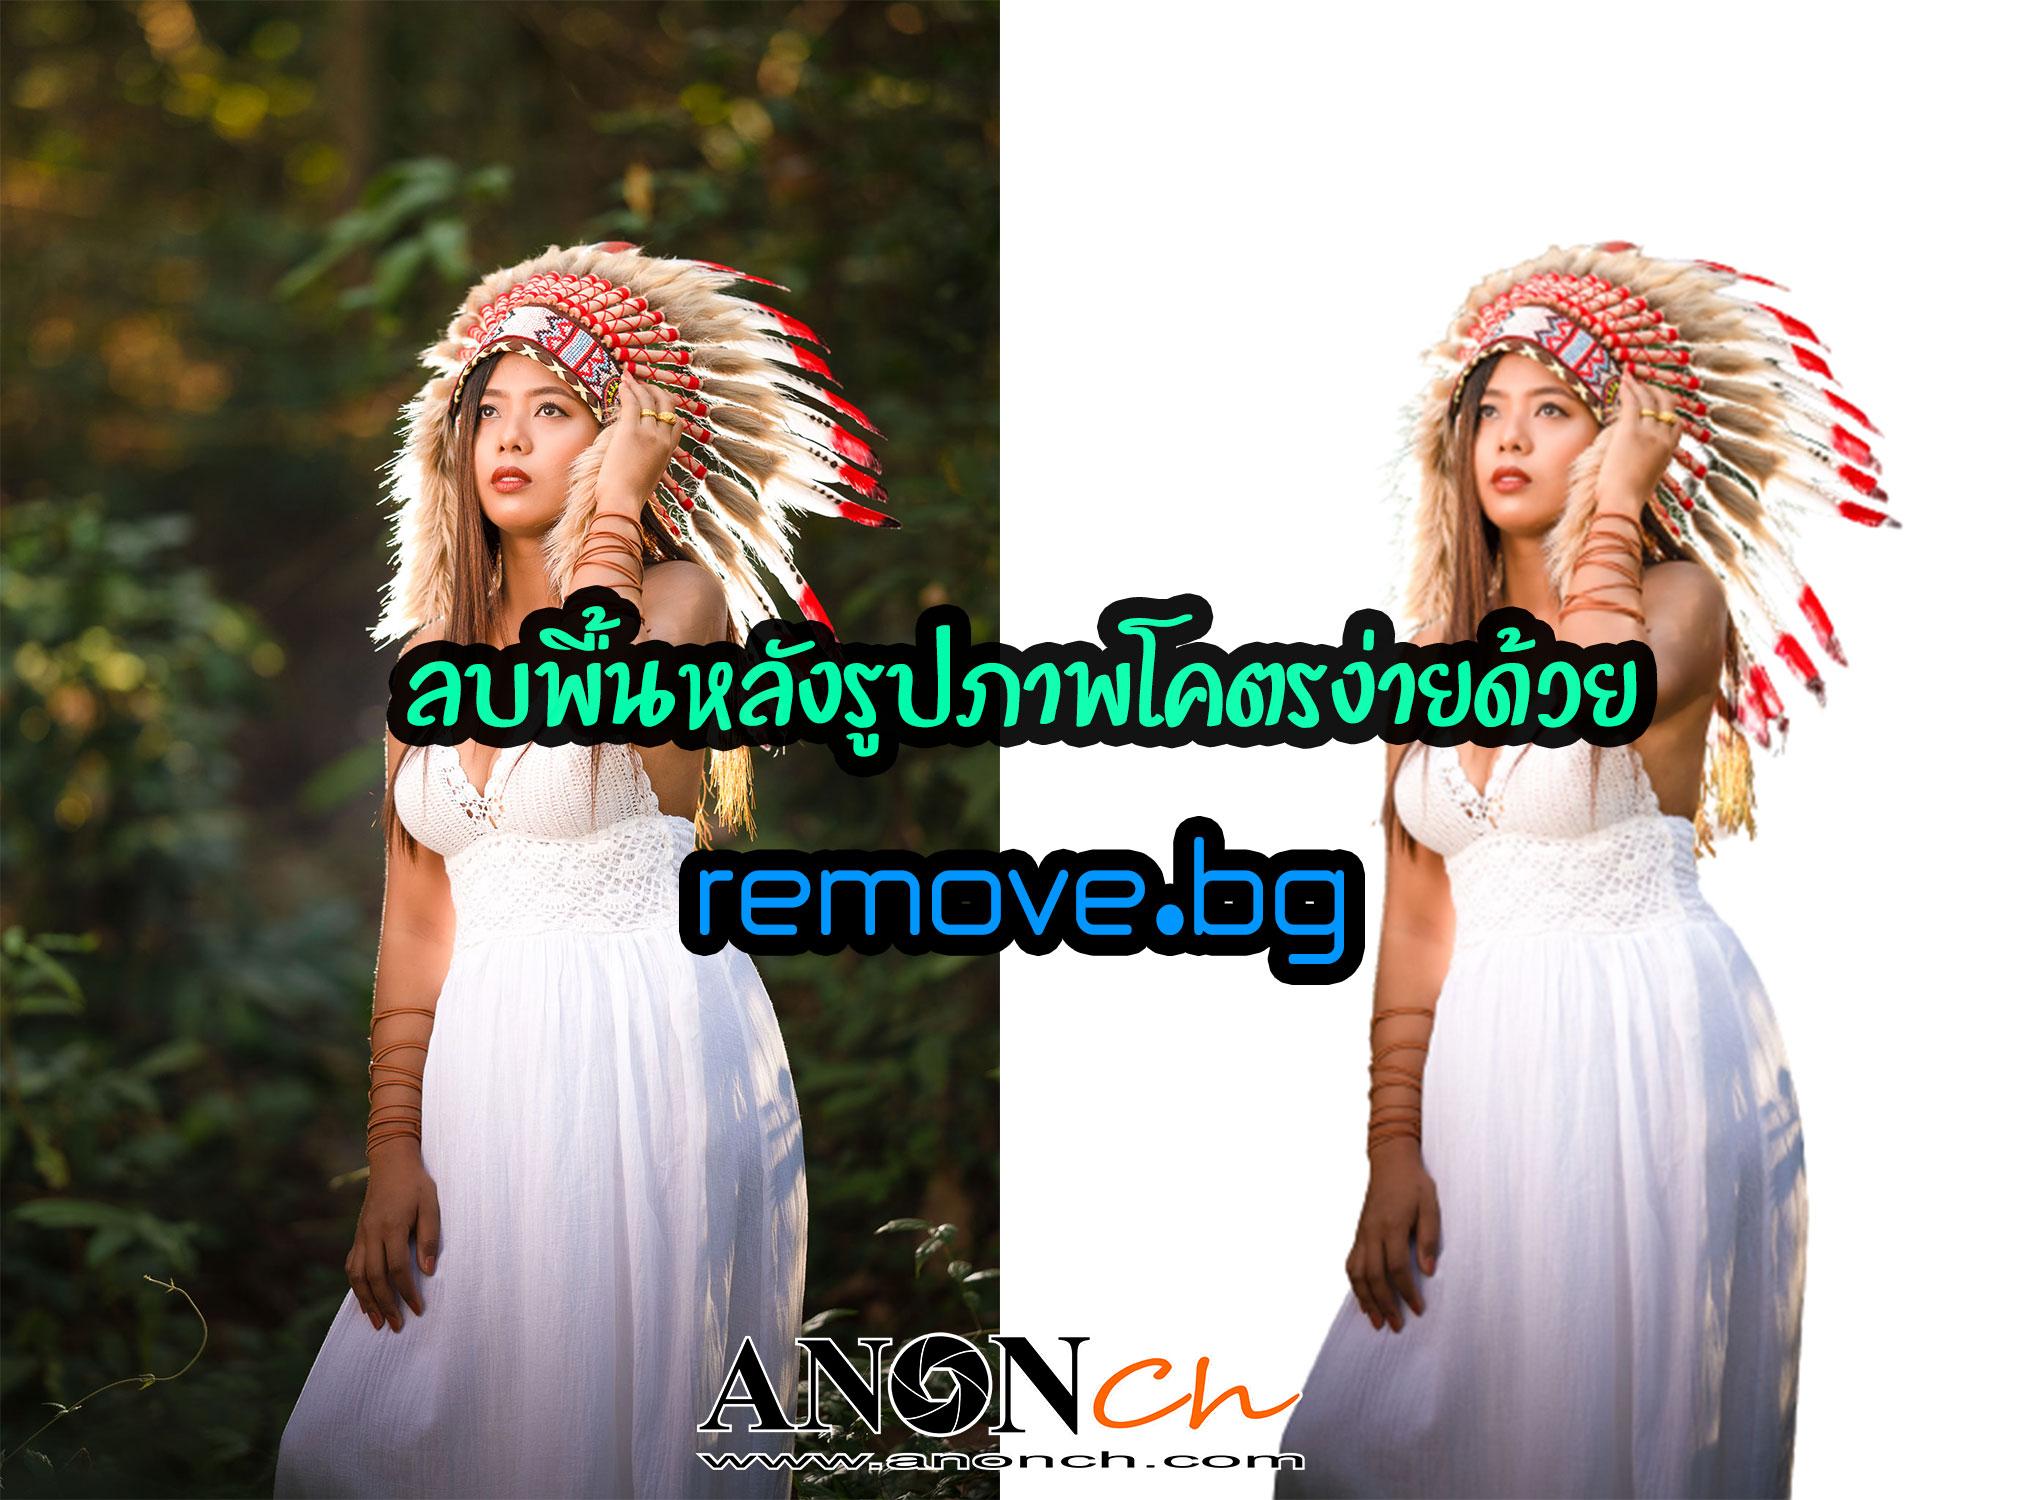 ลบพื้นหลังรูปภาพโคตรง่ายด้วย-remove.bg